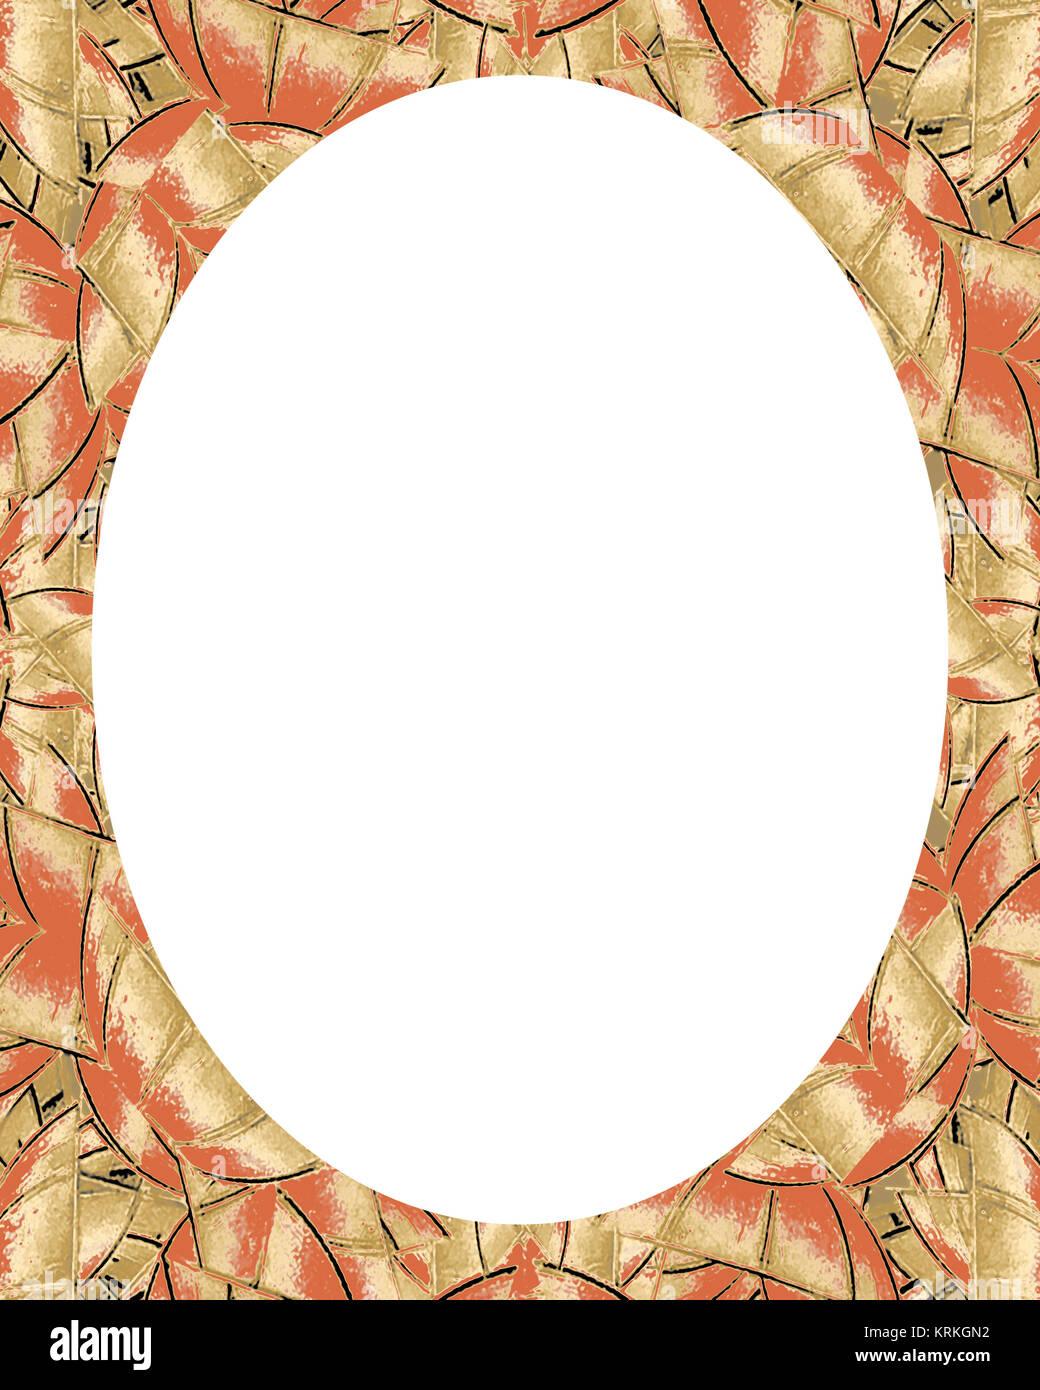 Kreis Rahmen Hintergrund mit verzierten Grenzen Stockfoto, Bild ...